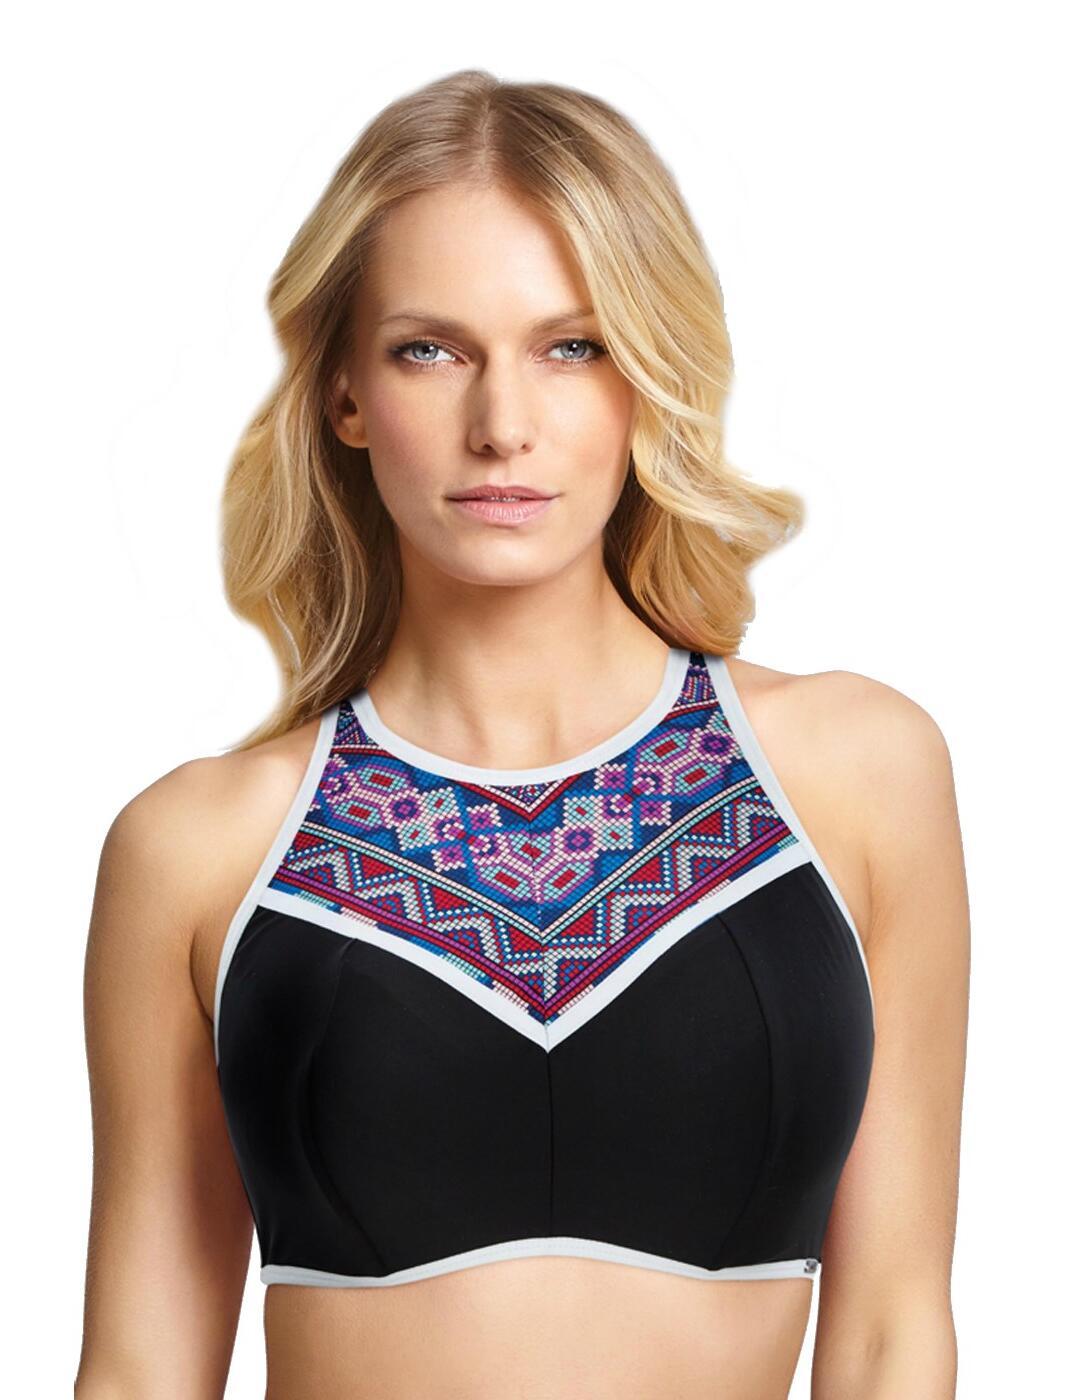 SW1282 Panache Ayanna Crop Bikini Top - SW1282 Blue/Multi